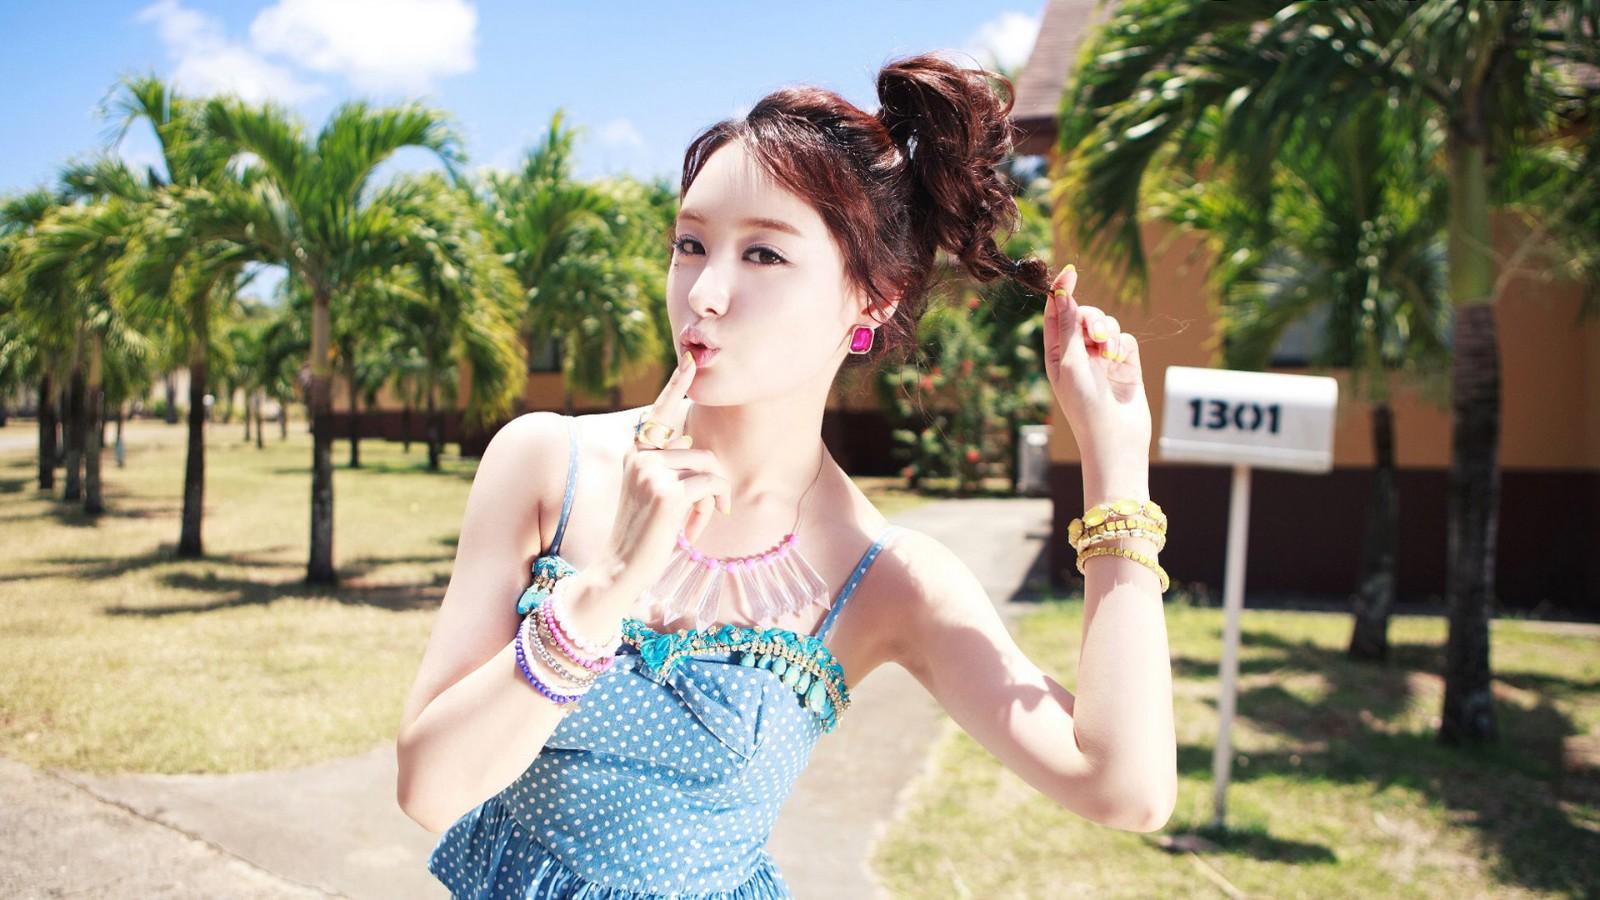 Secret,写真,清新夏日,进击的韩流,韩国美女壁纸